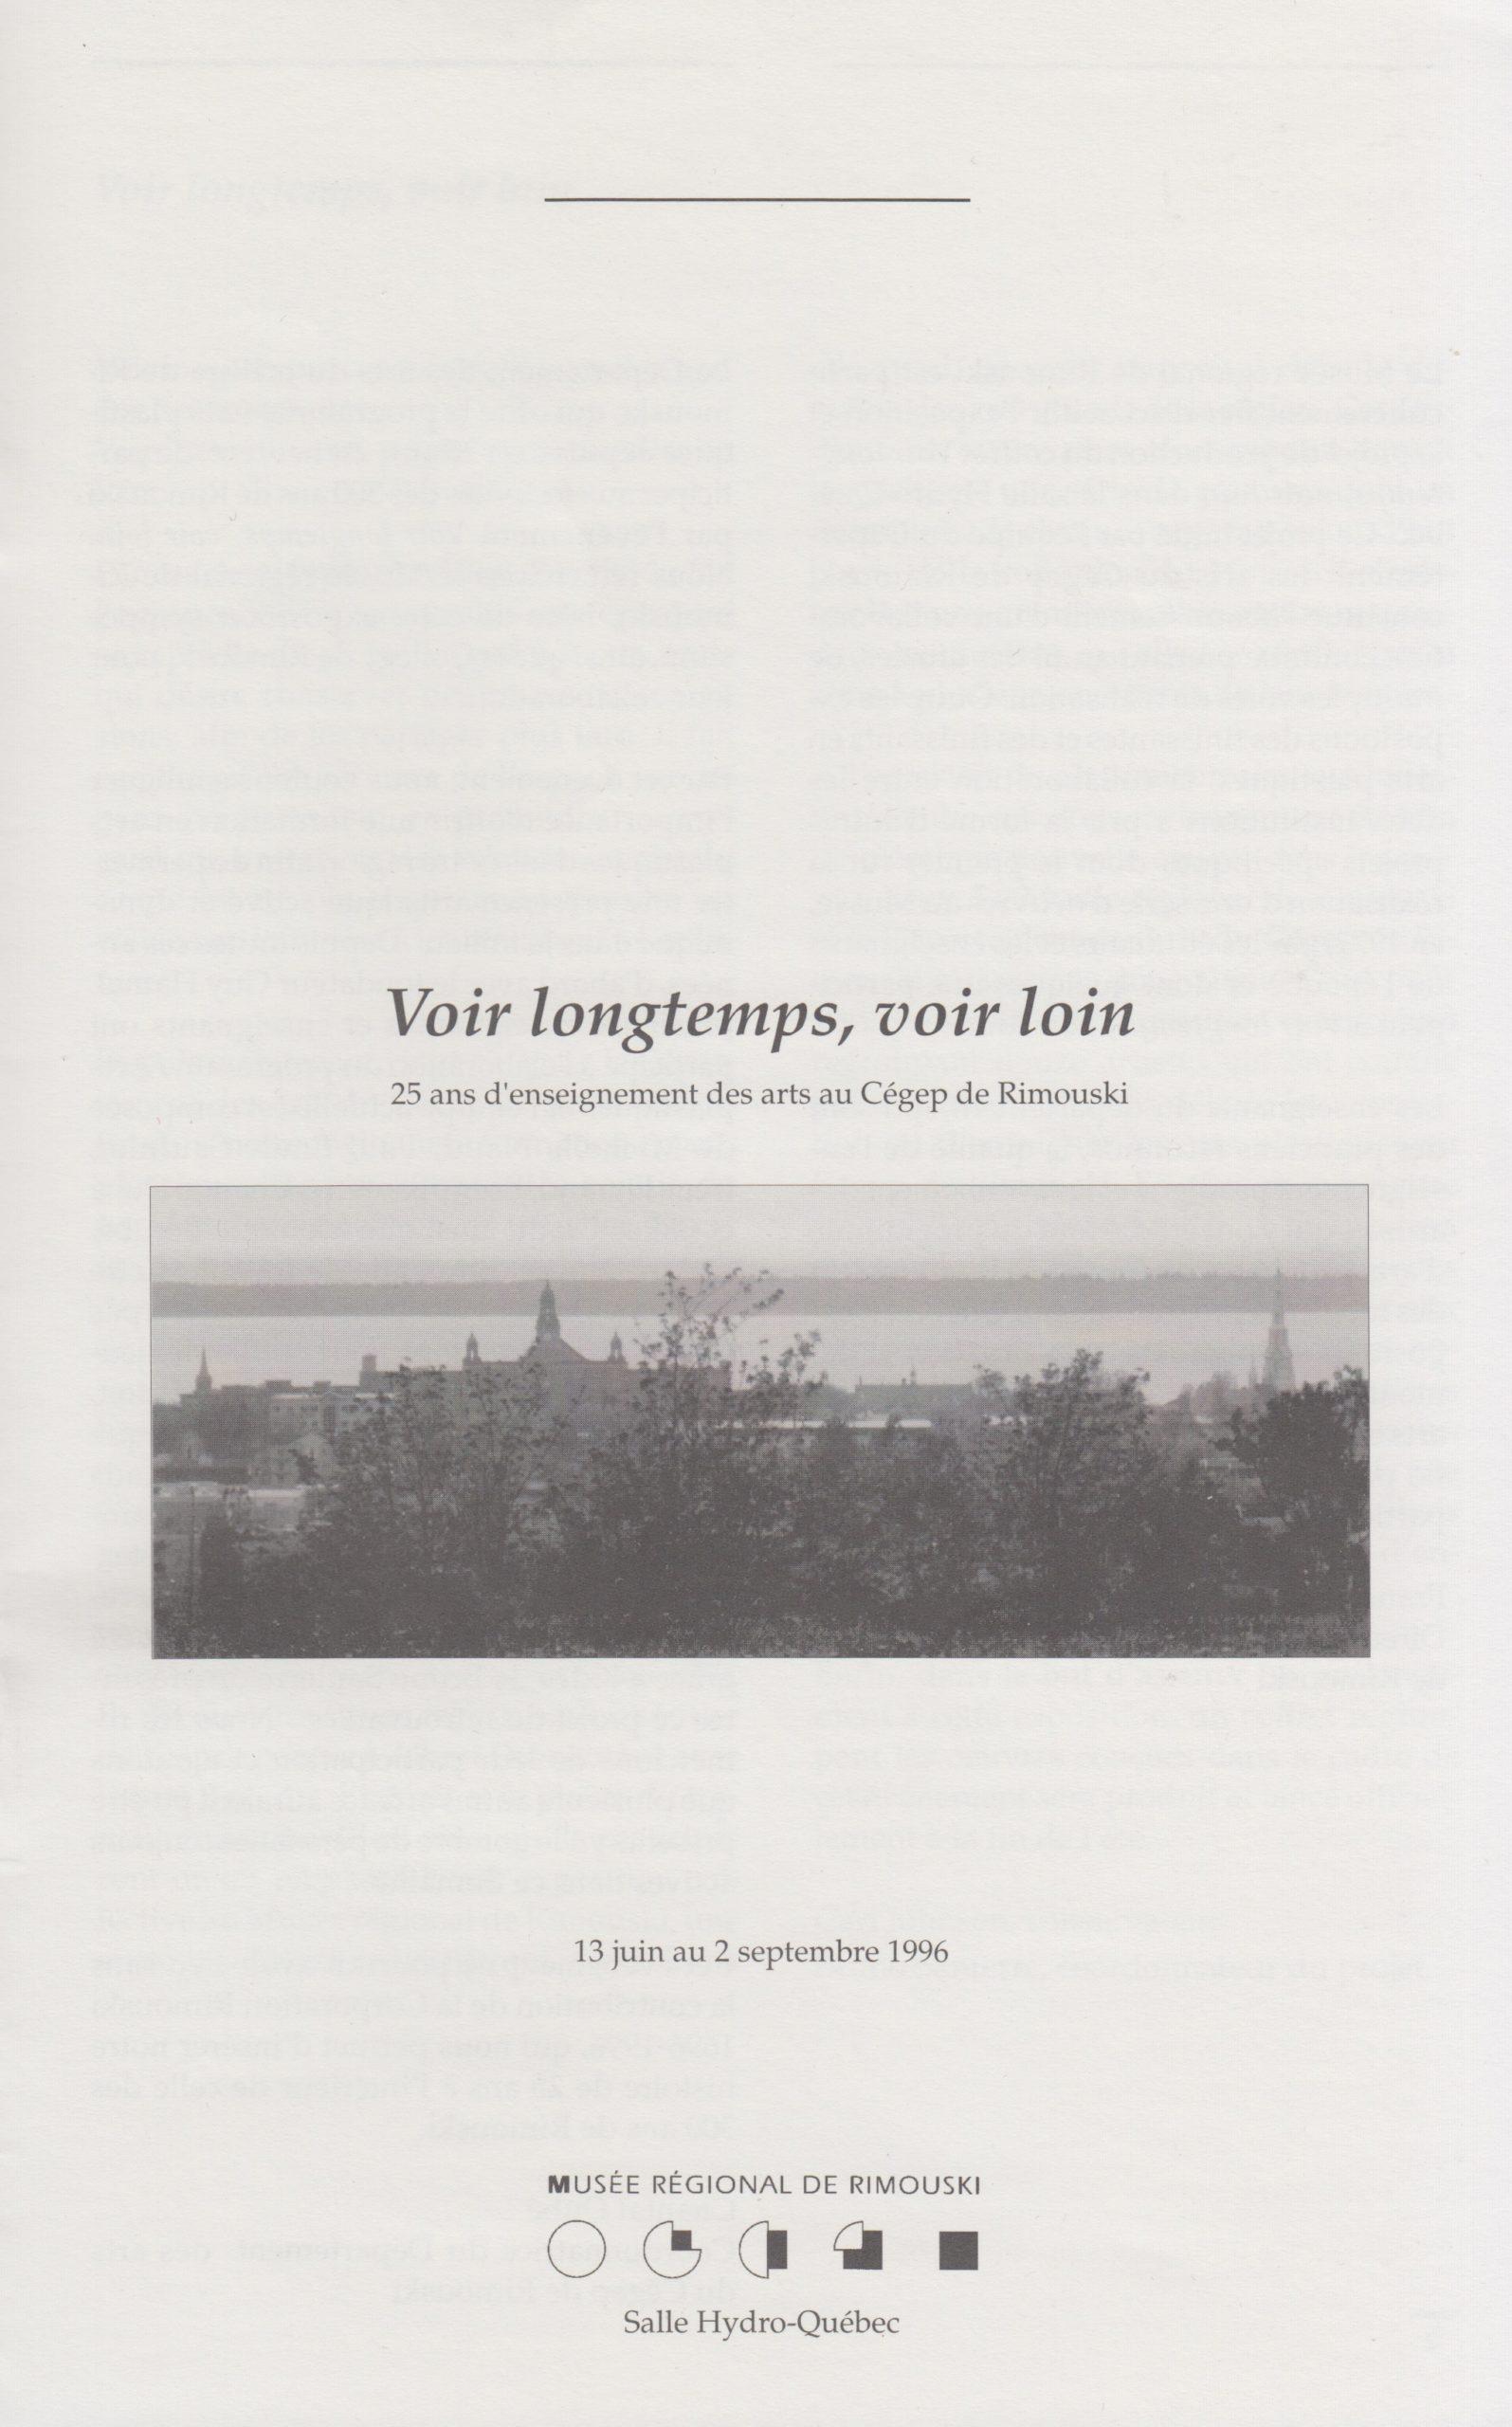 Voir longtemps, voir loin, Musée régional de Rimouski, 1996